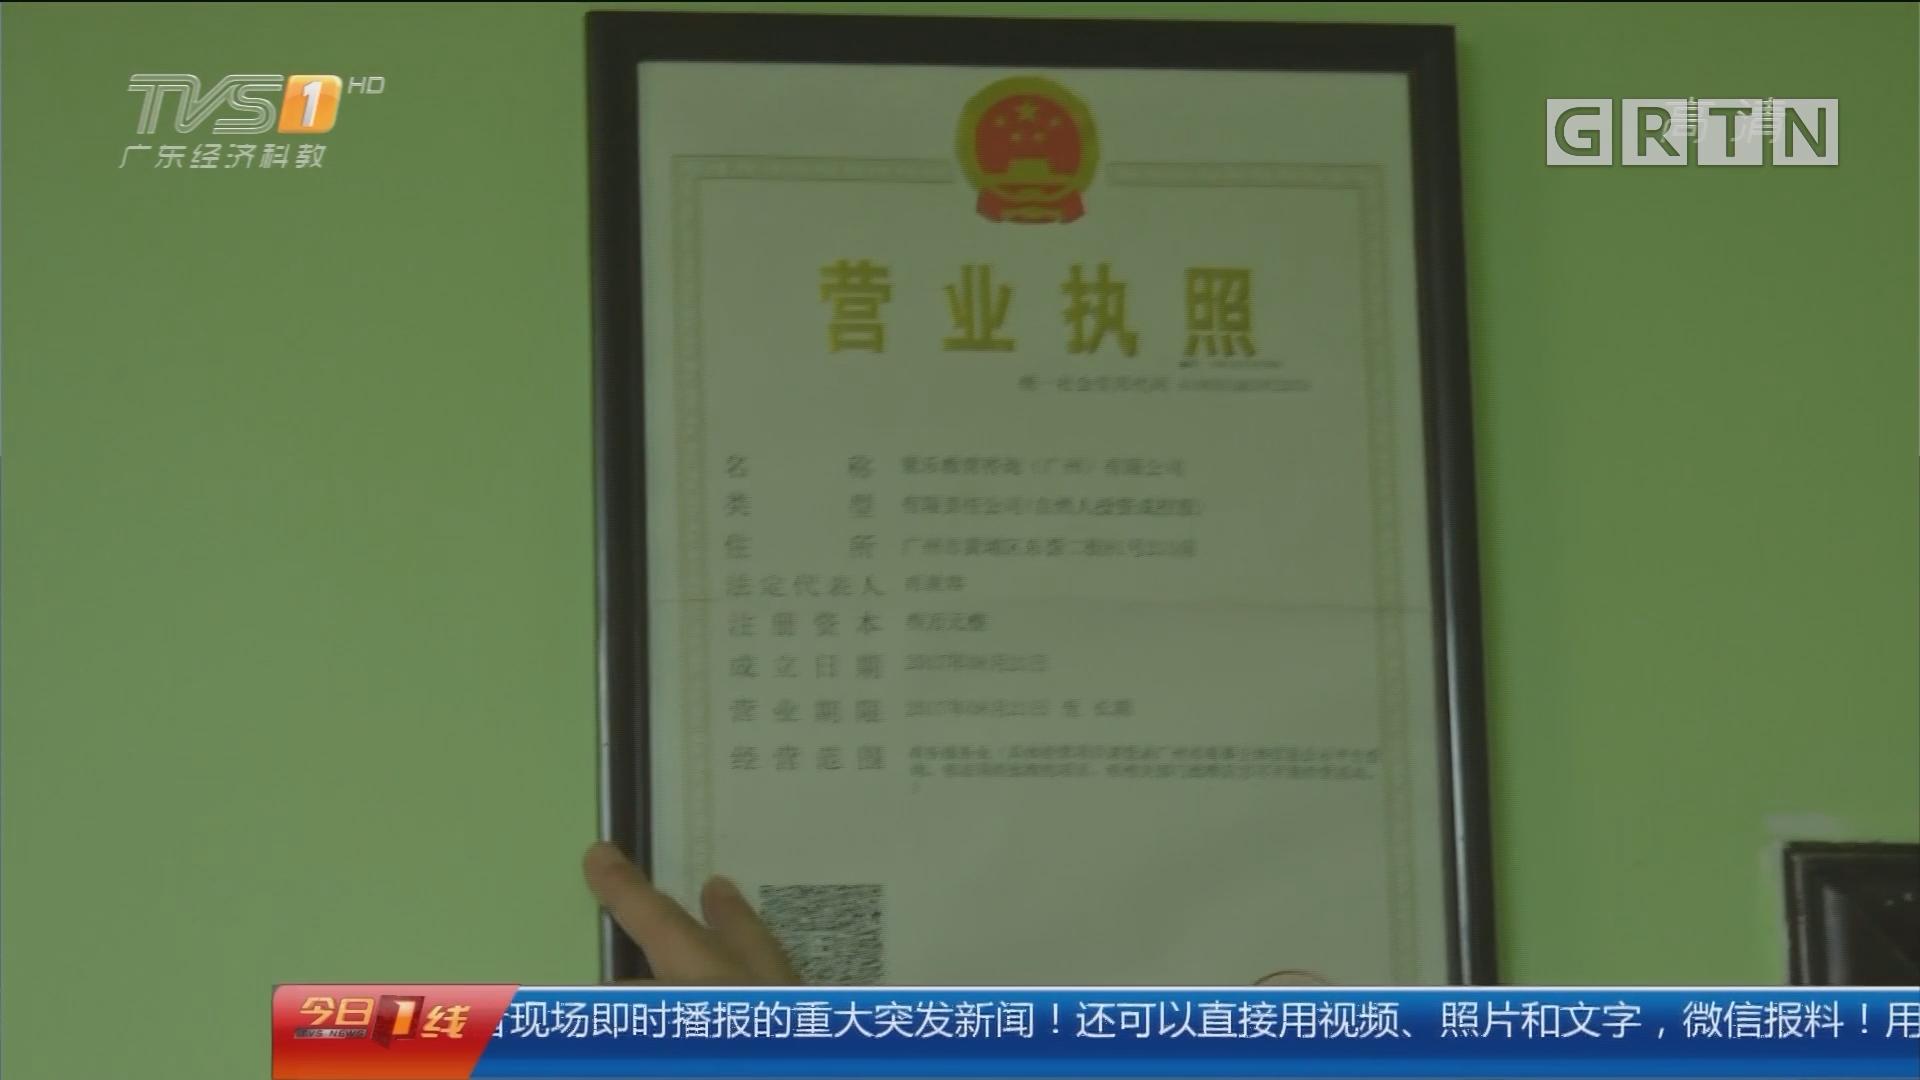 """突击检查校外培训机构:广州 一栋楼""""藏""""30家机构 仅1家有办证"""